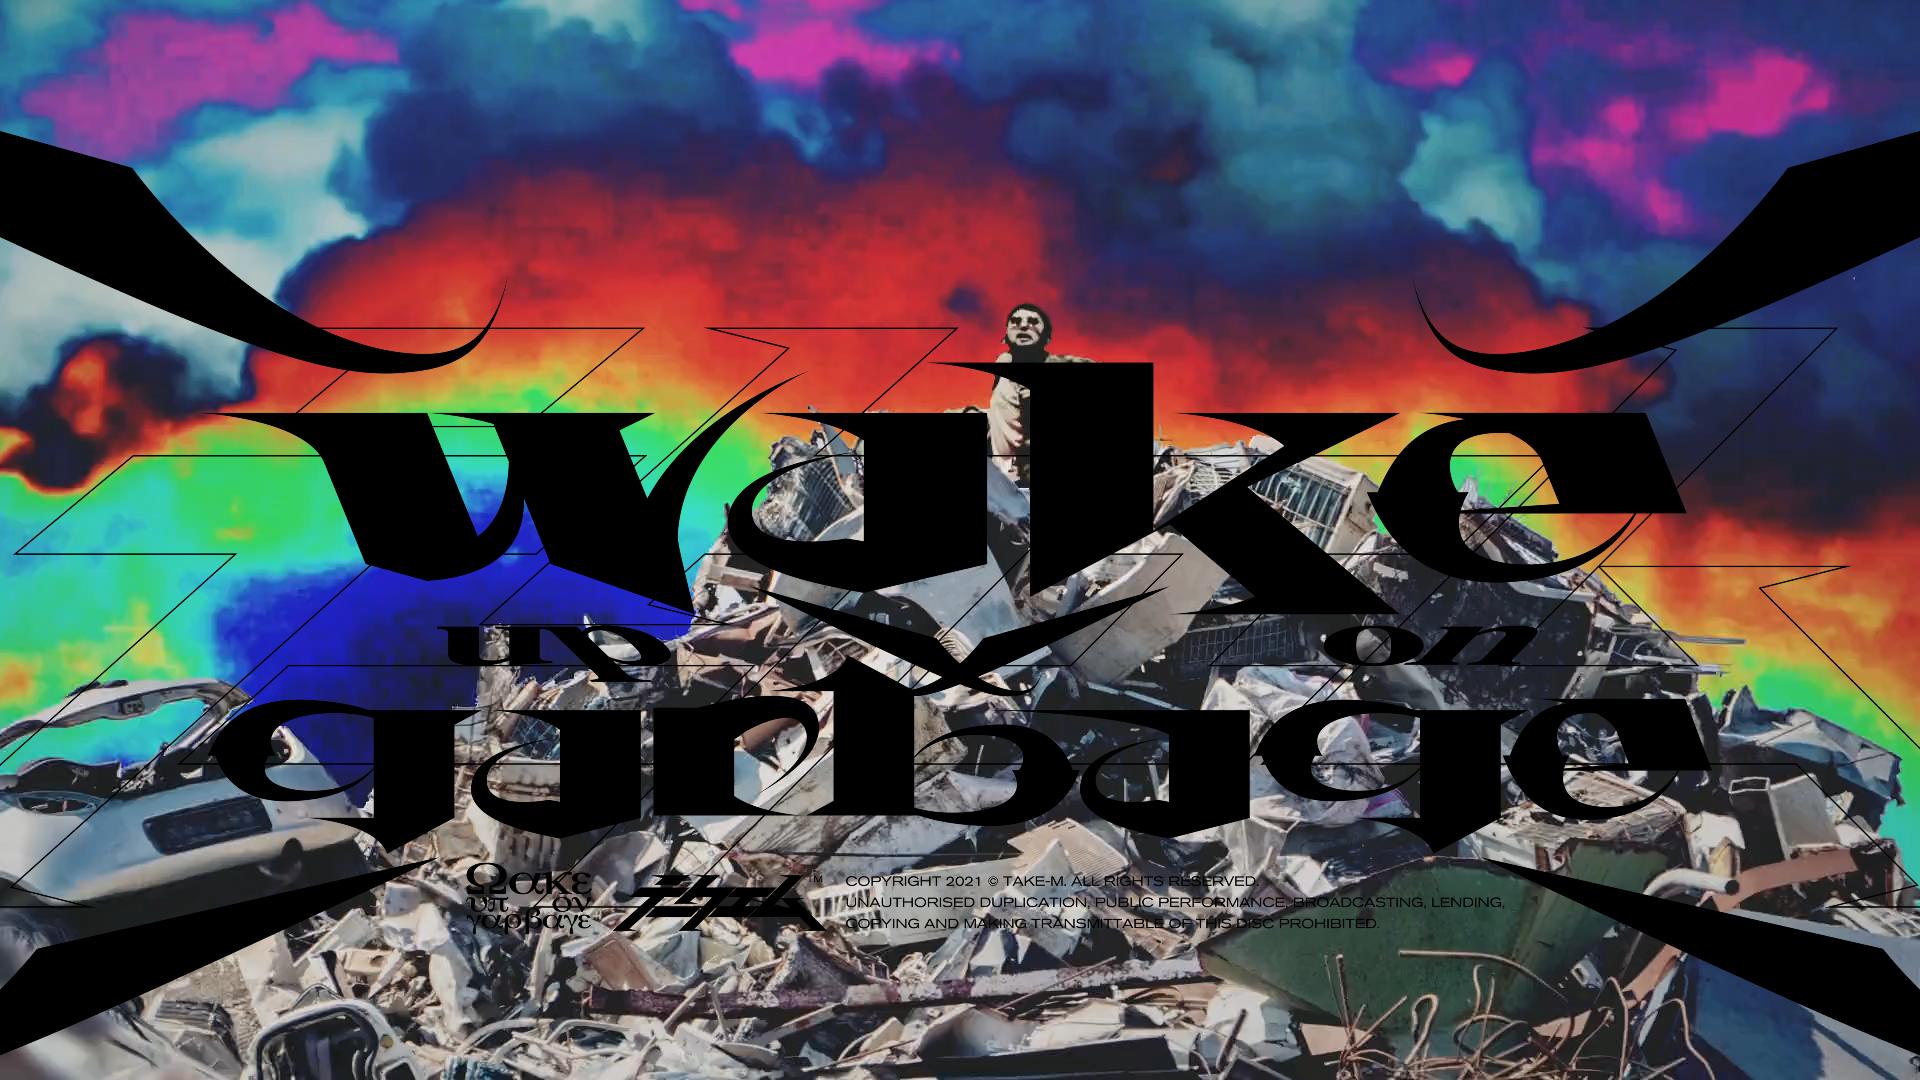 テークエム – Wake up on garbage (Official Music Video)